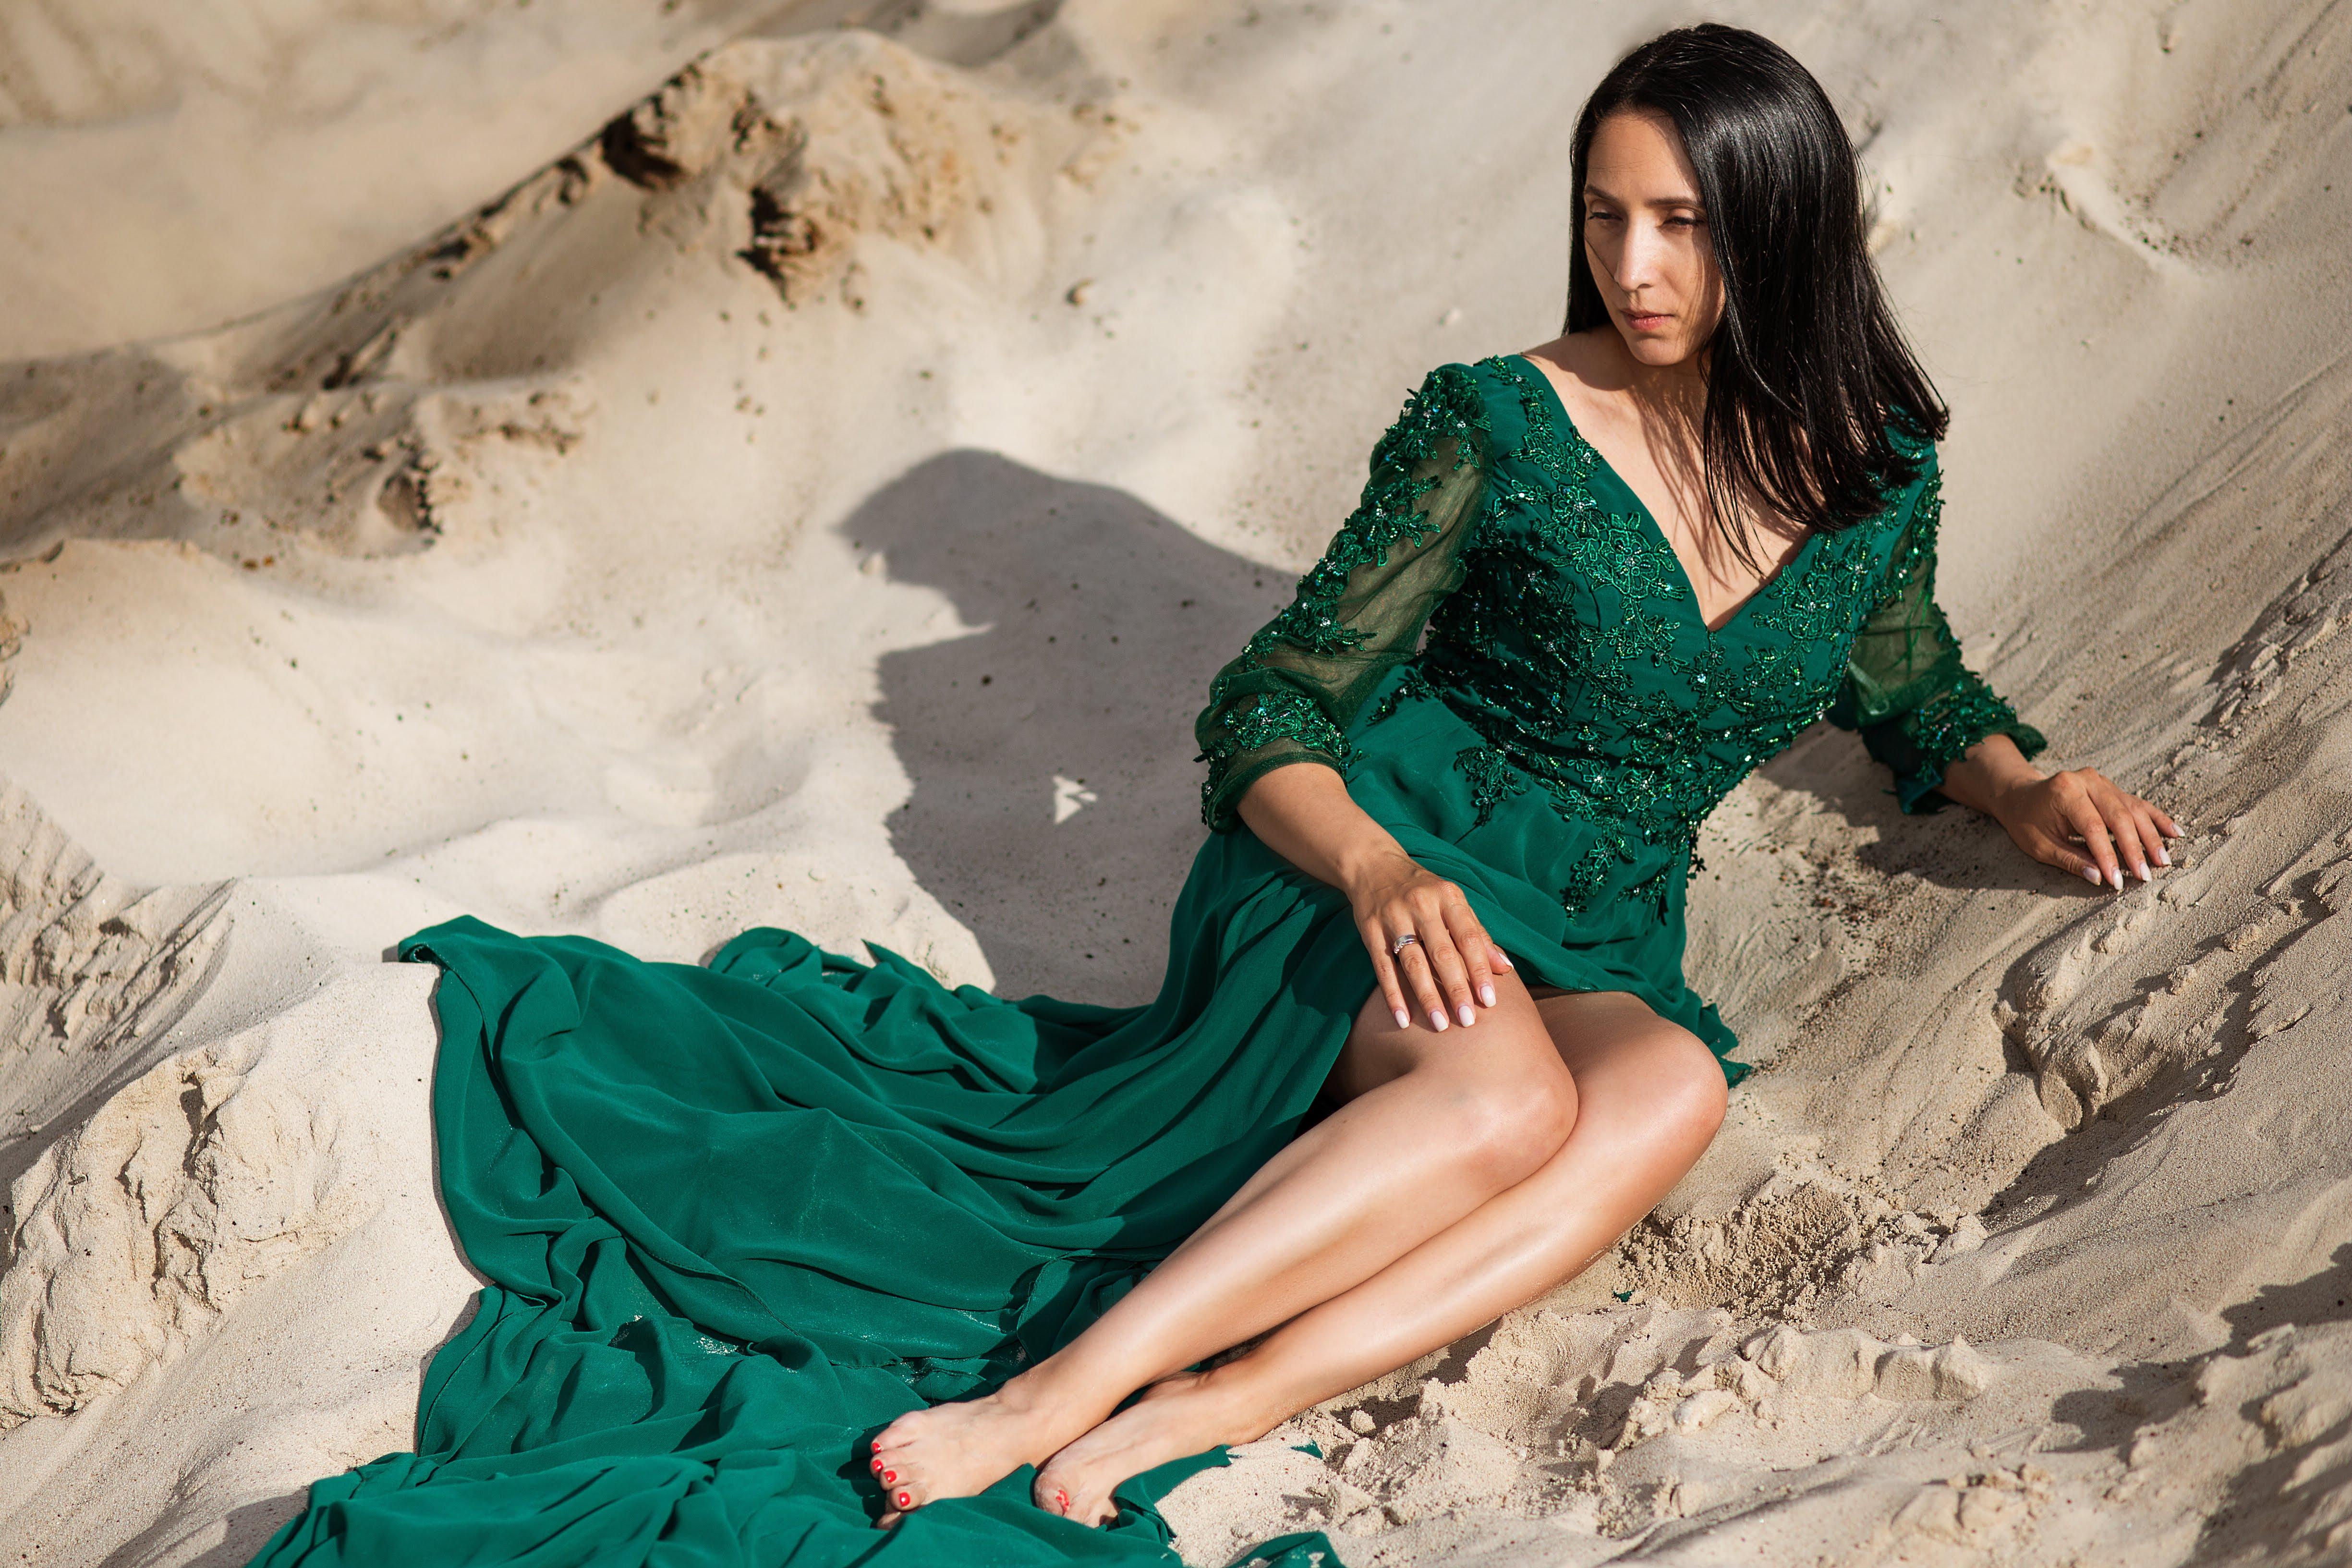 зеленое изумрудное платье с рукавами и шлейфом